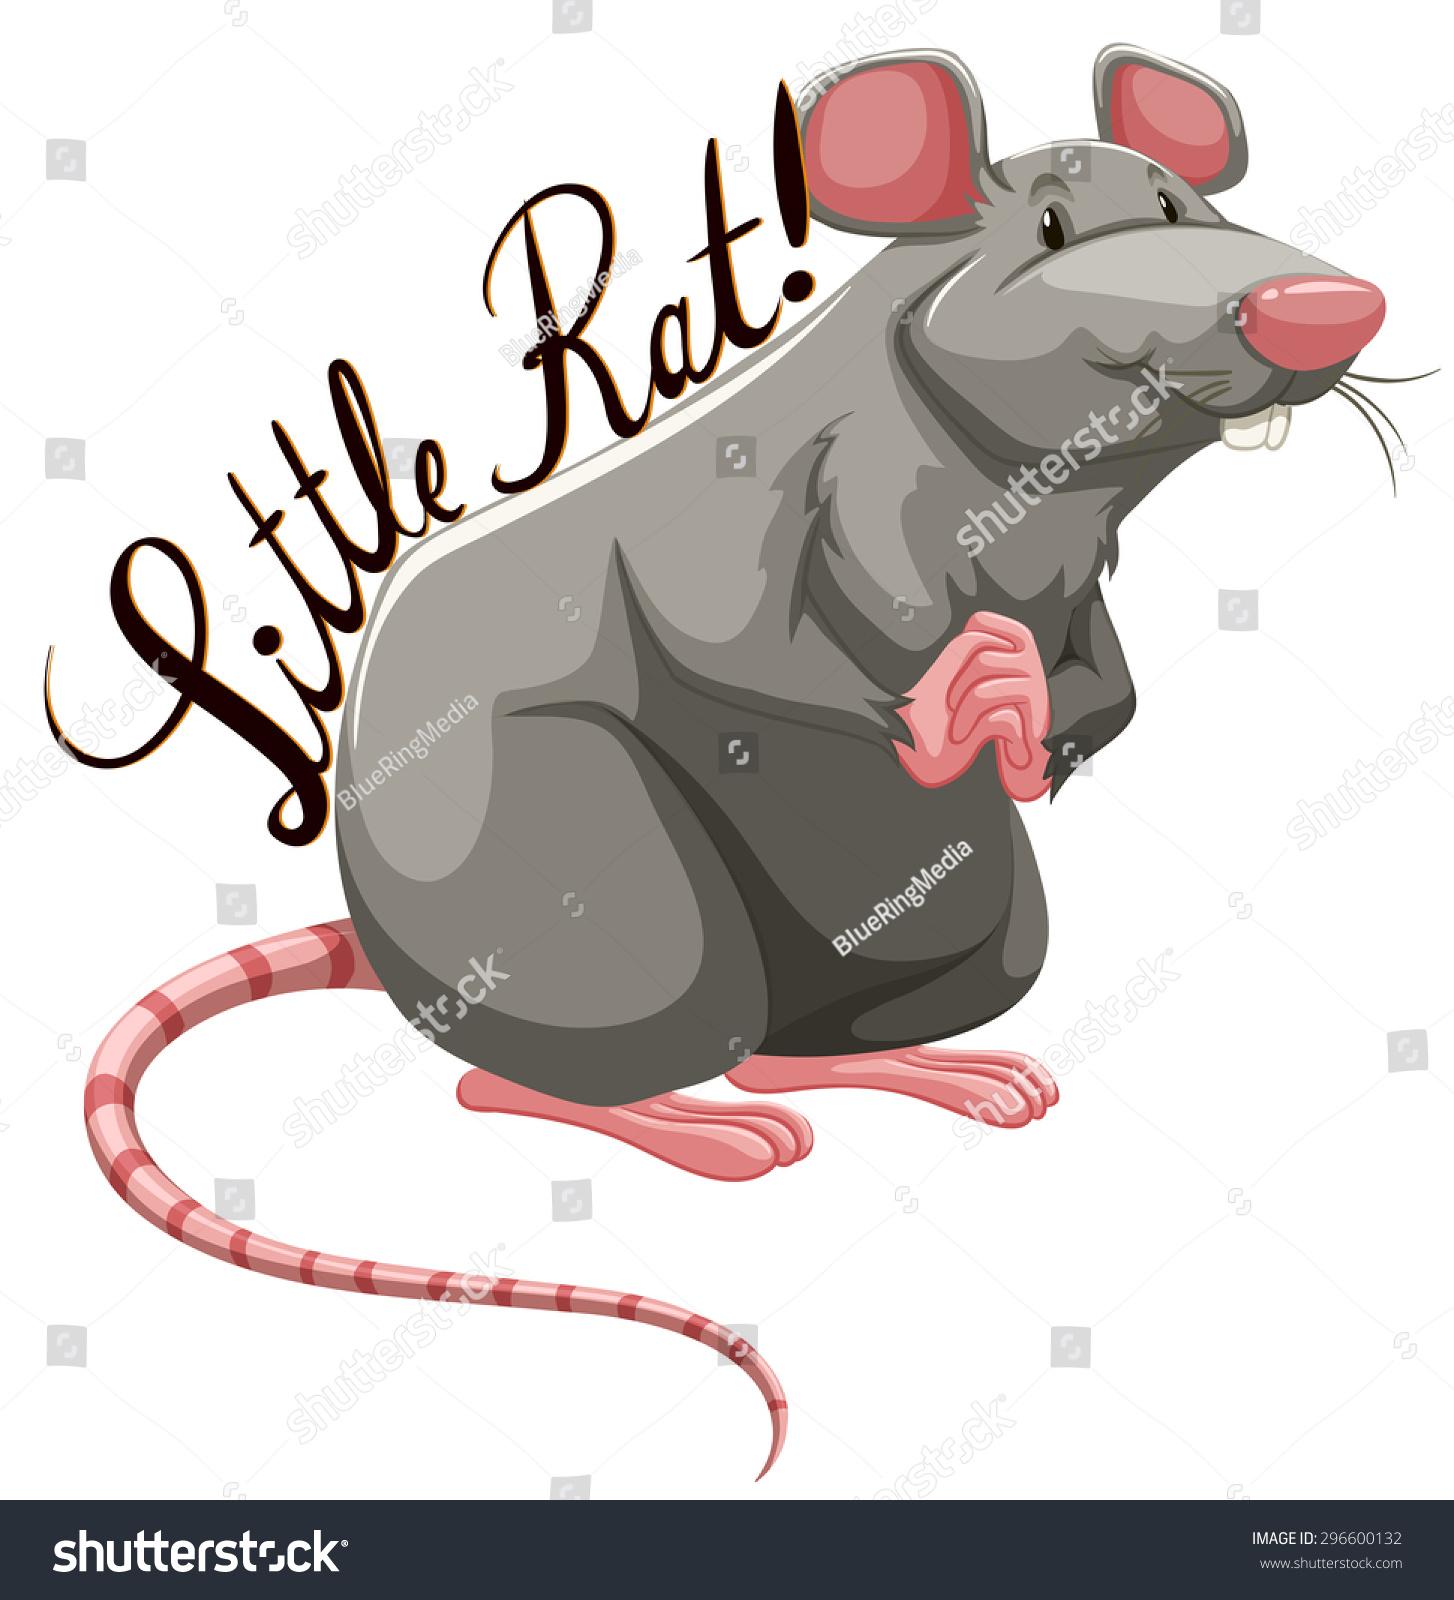 文字插图的小老鼠-动物/野生生物-海洛创意(hellorf)